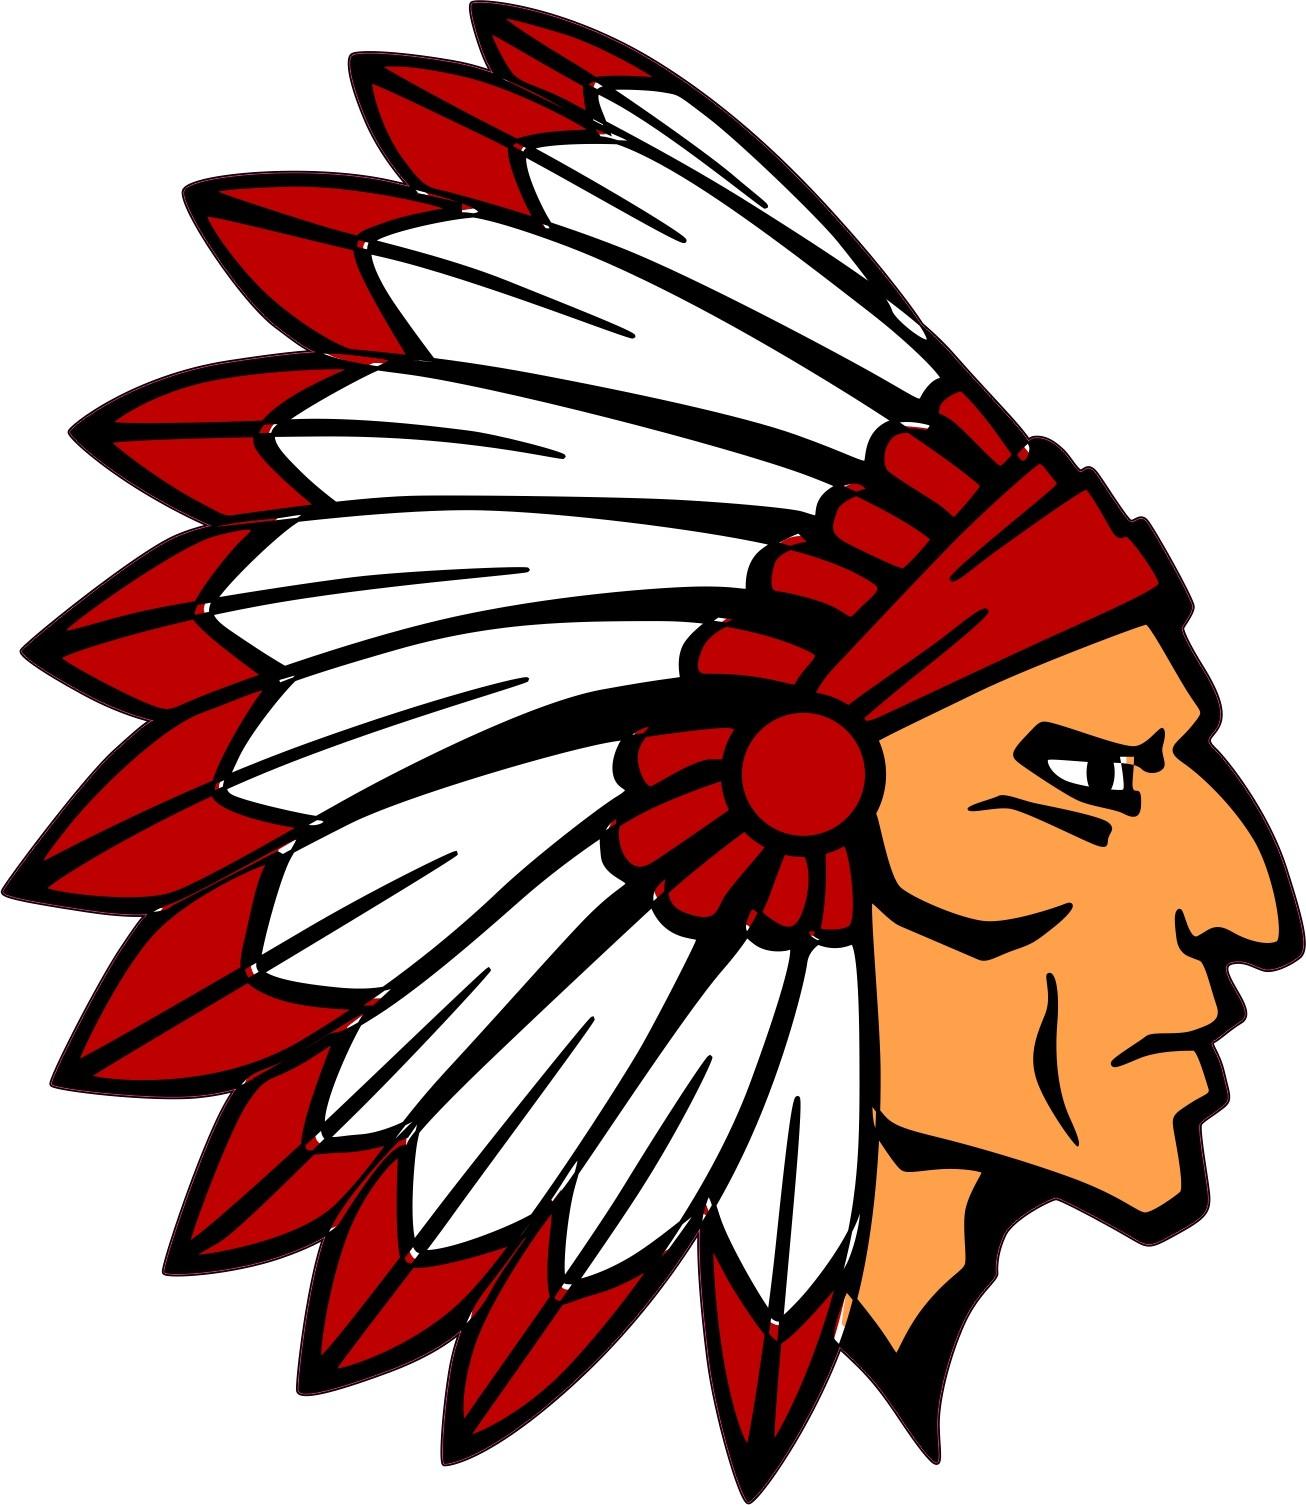 4.5in x 5in Die Cut Red Indian Head Mascot Bumper Sticker ...